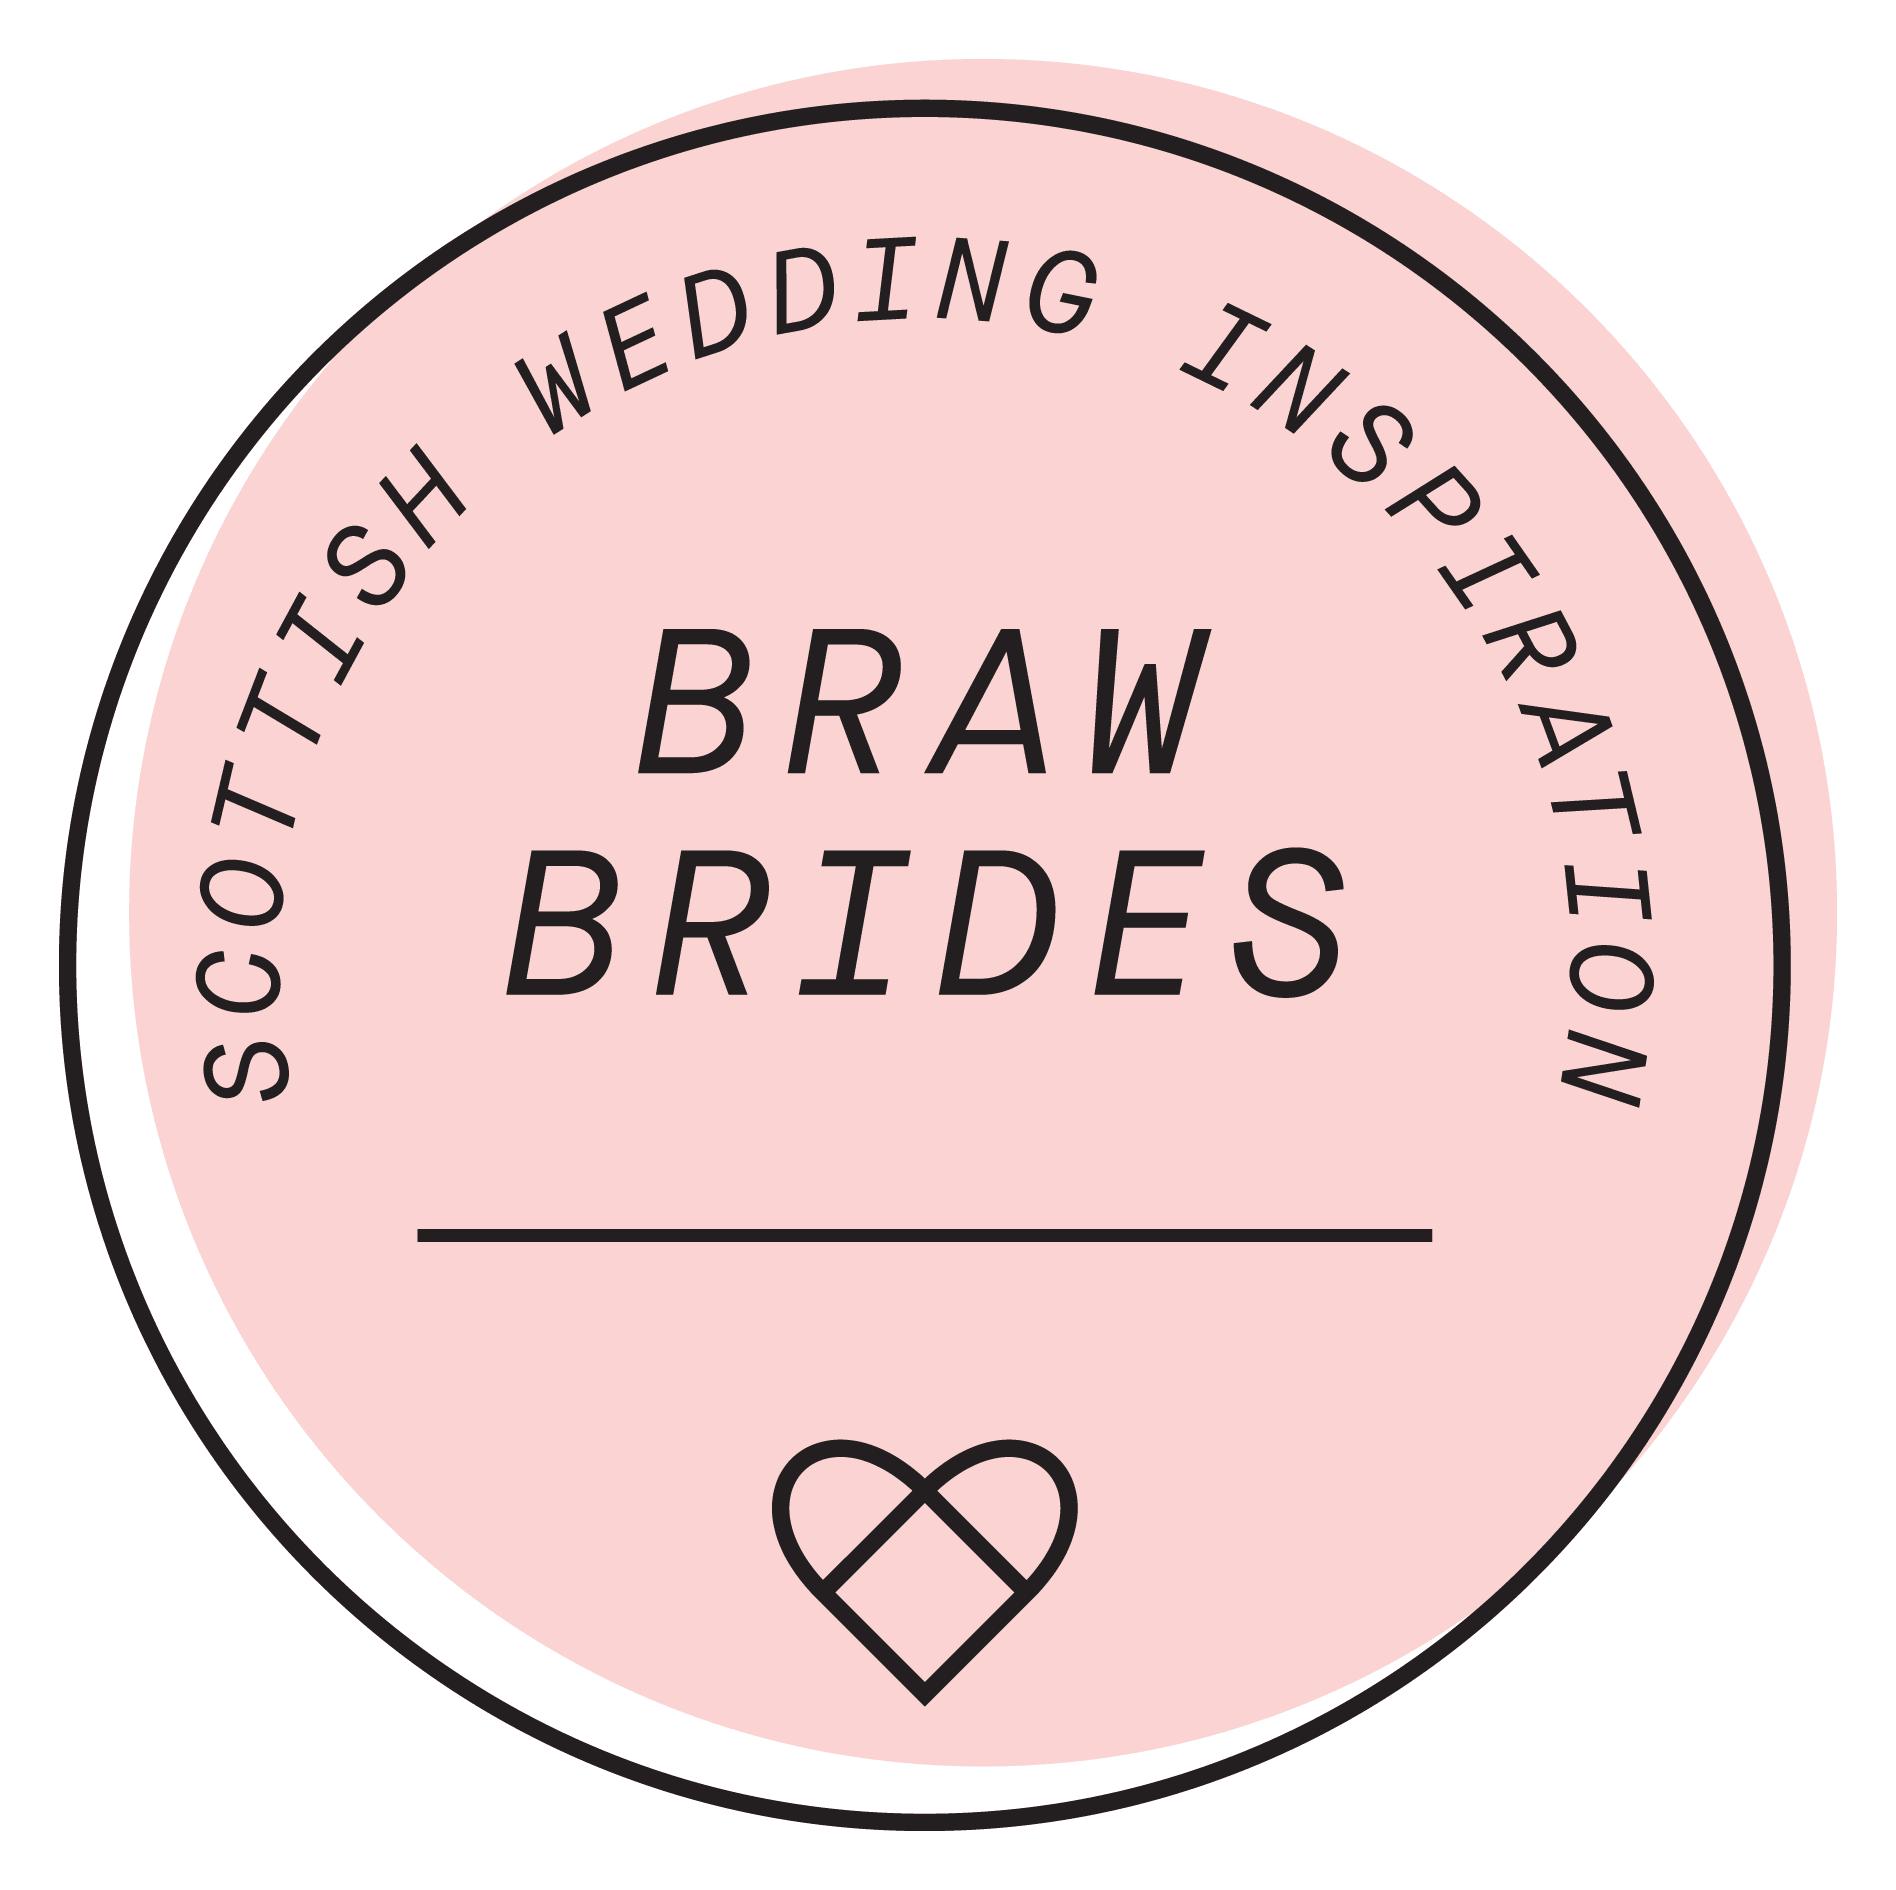 BrawBrides-Badge-Pink-V1 1